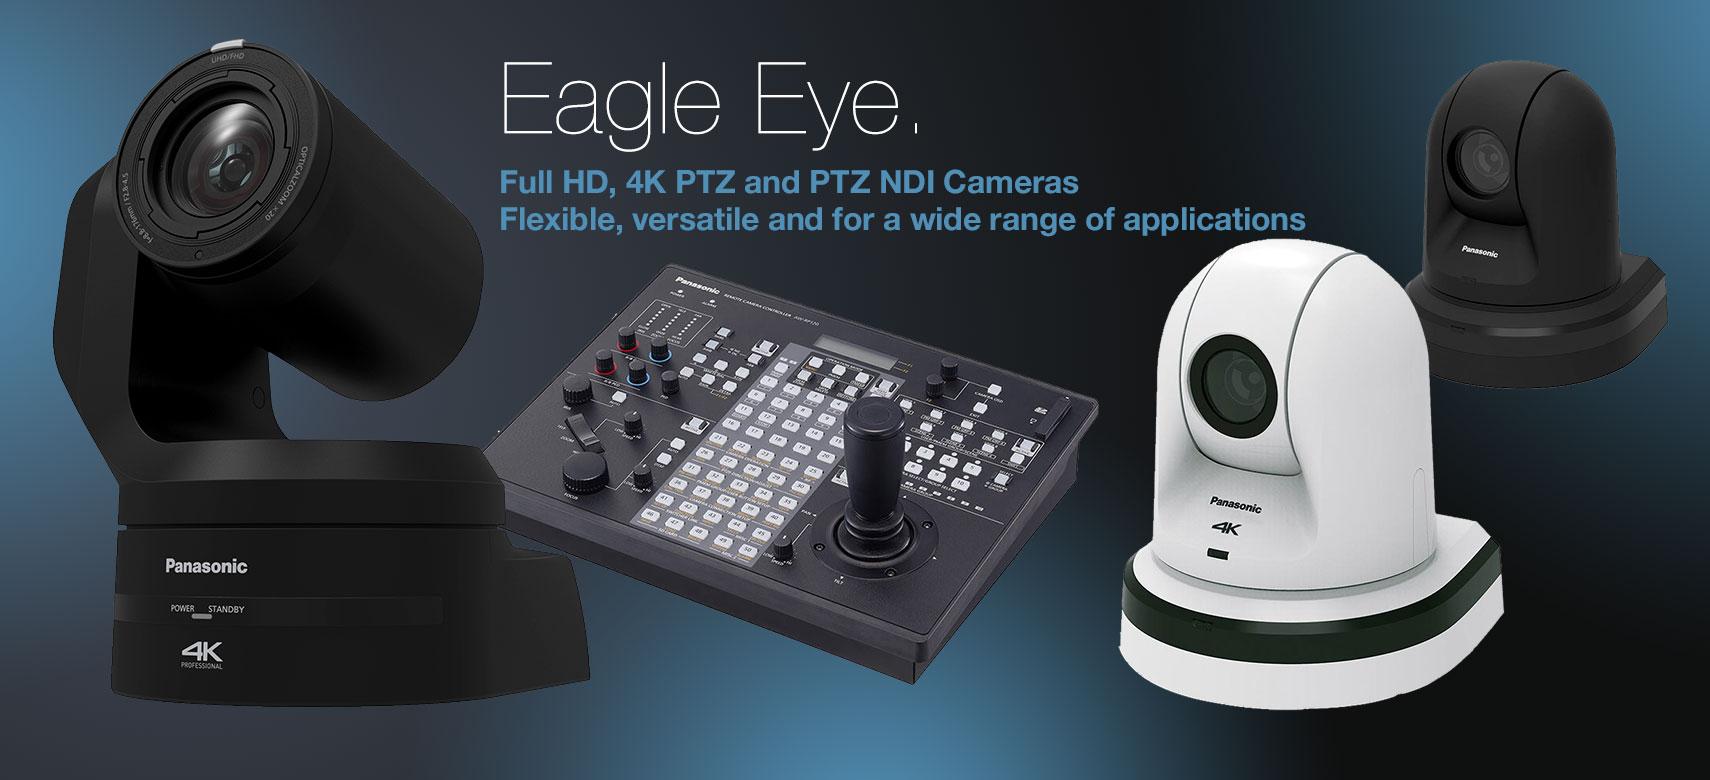 Panasonic Eagle Eye